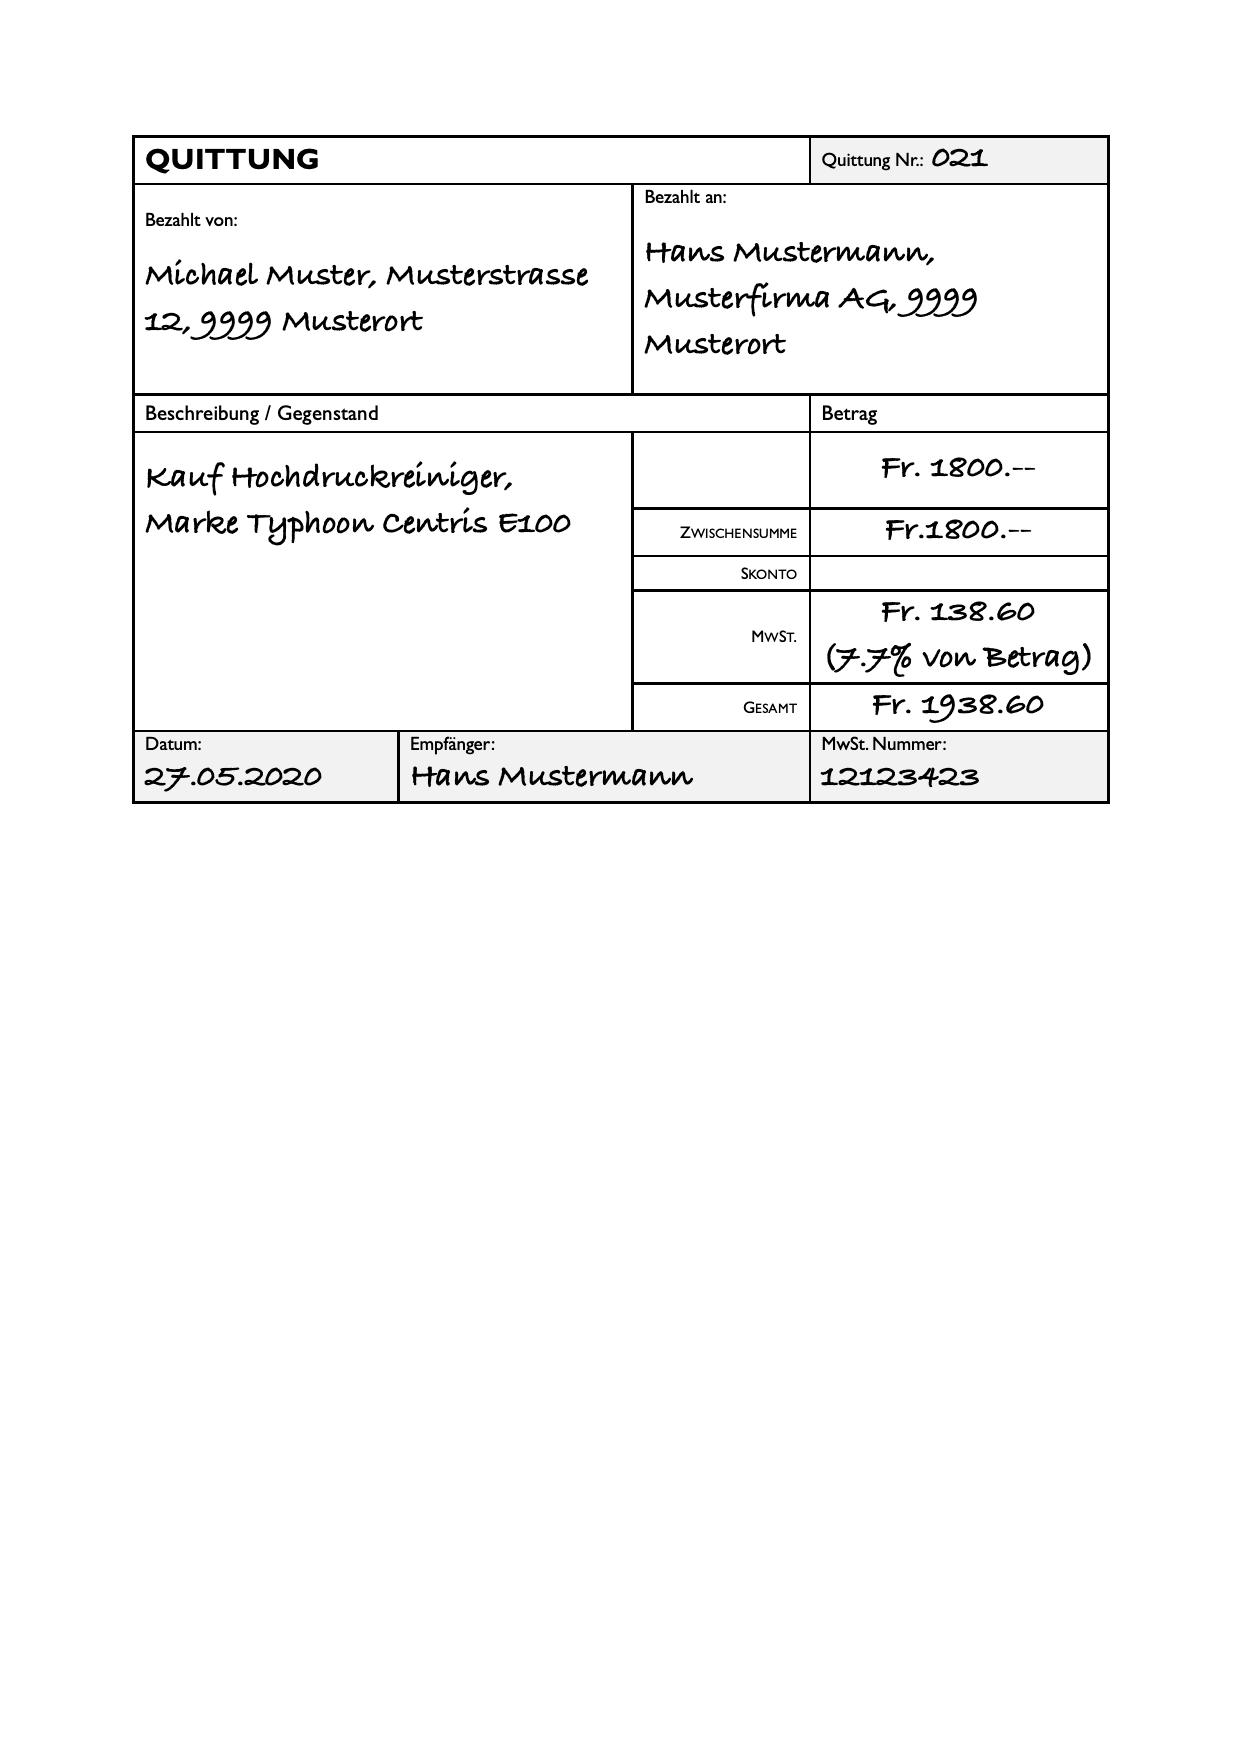 Quittungsvorlage Barzahlung Kostenlos Herunterladen